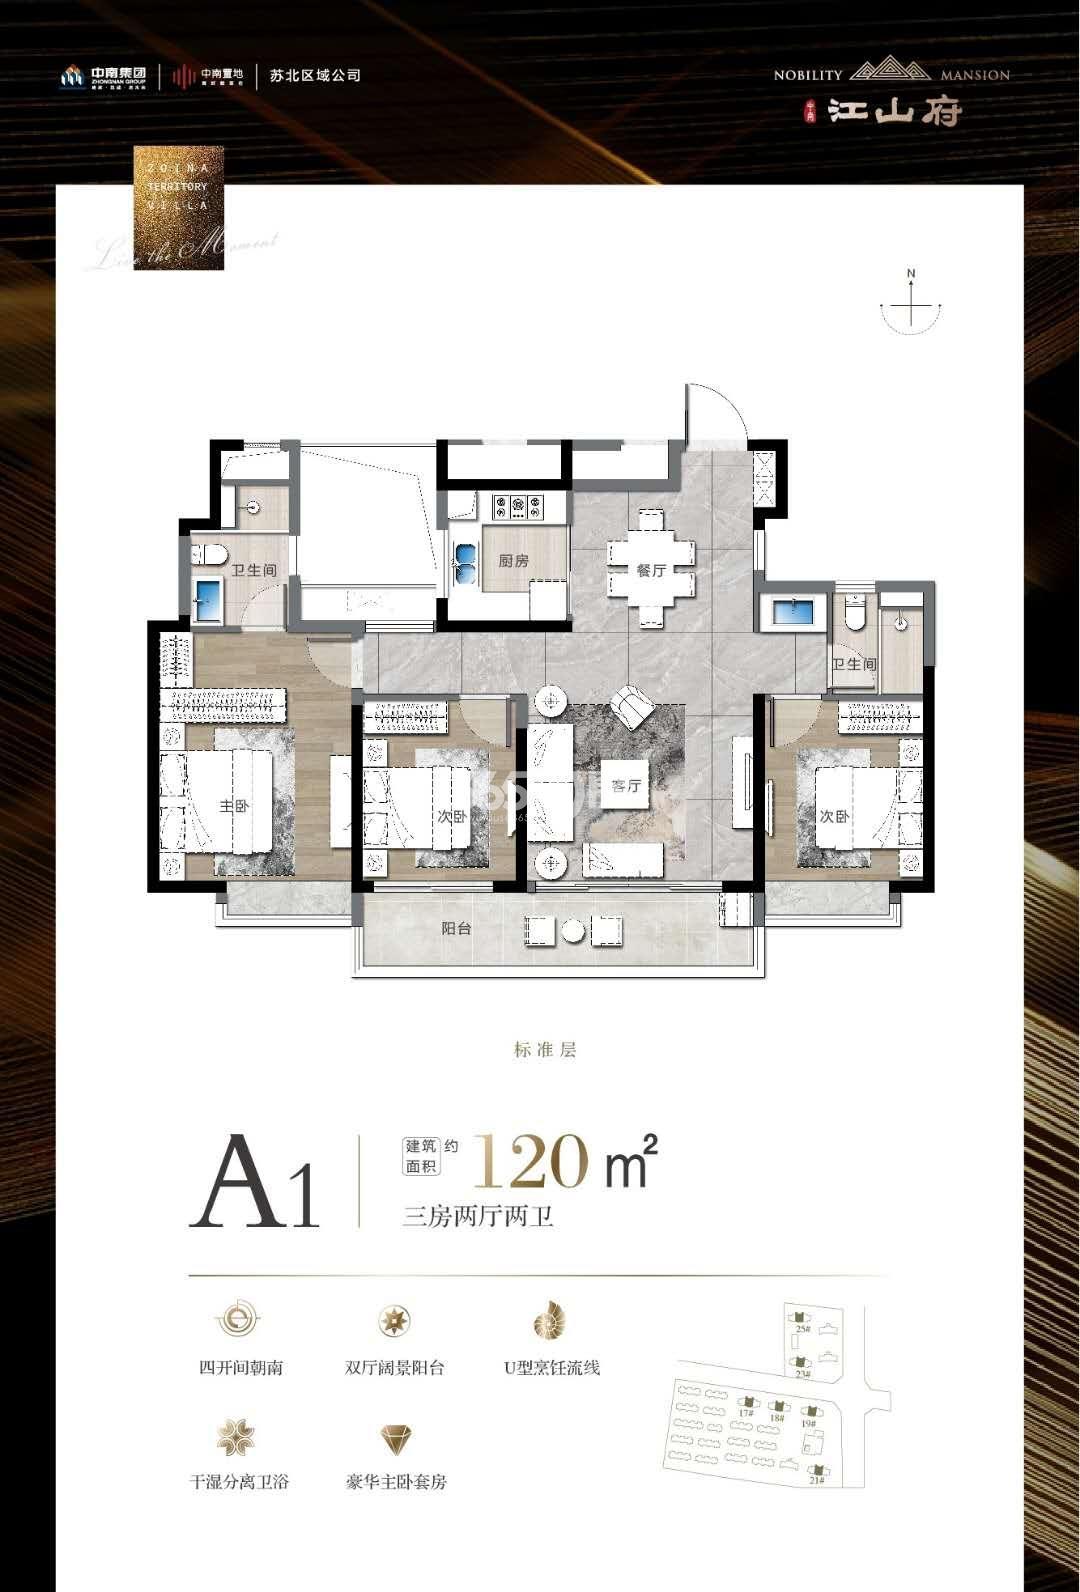 中南江山府 A1户型 三室两厅两卫 120㎡